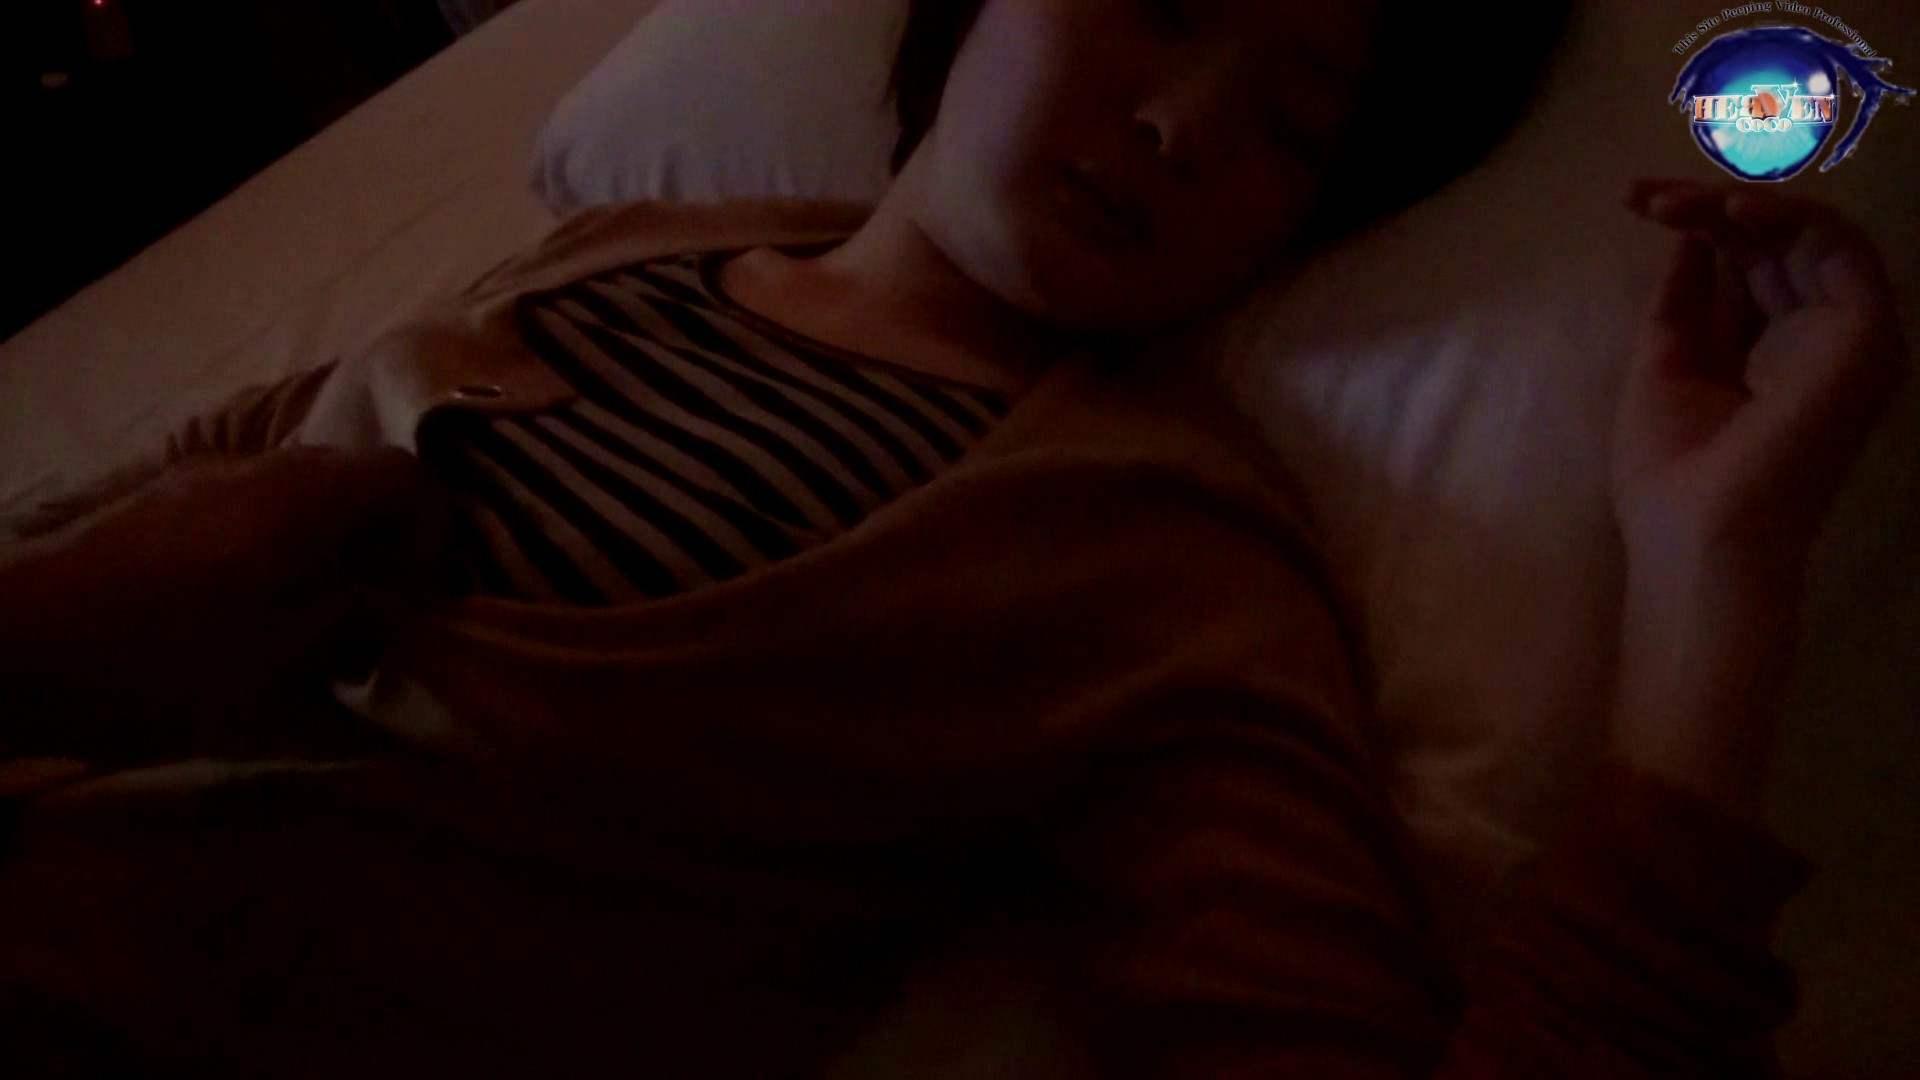 睡魔 シュウライ 第参壱話 前半 女子大生のエロ動画 | イタズラ動画  94PIX 53